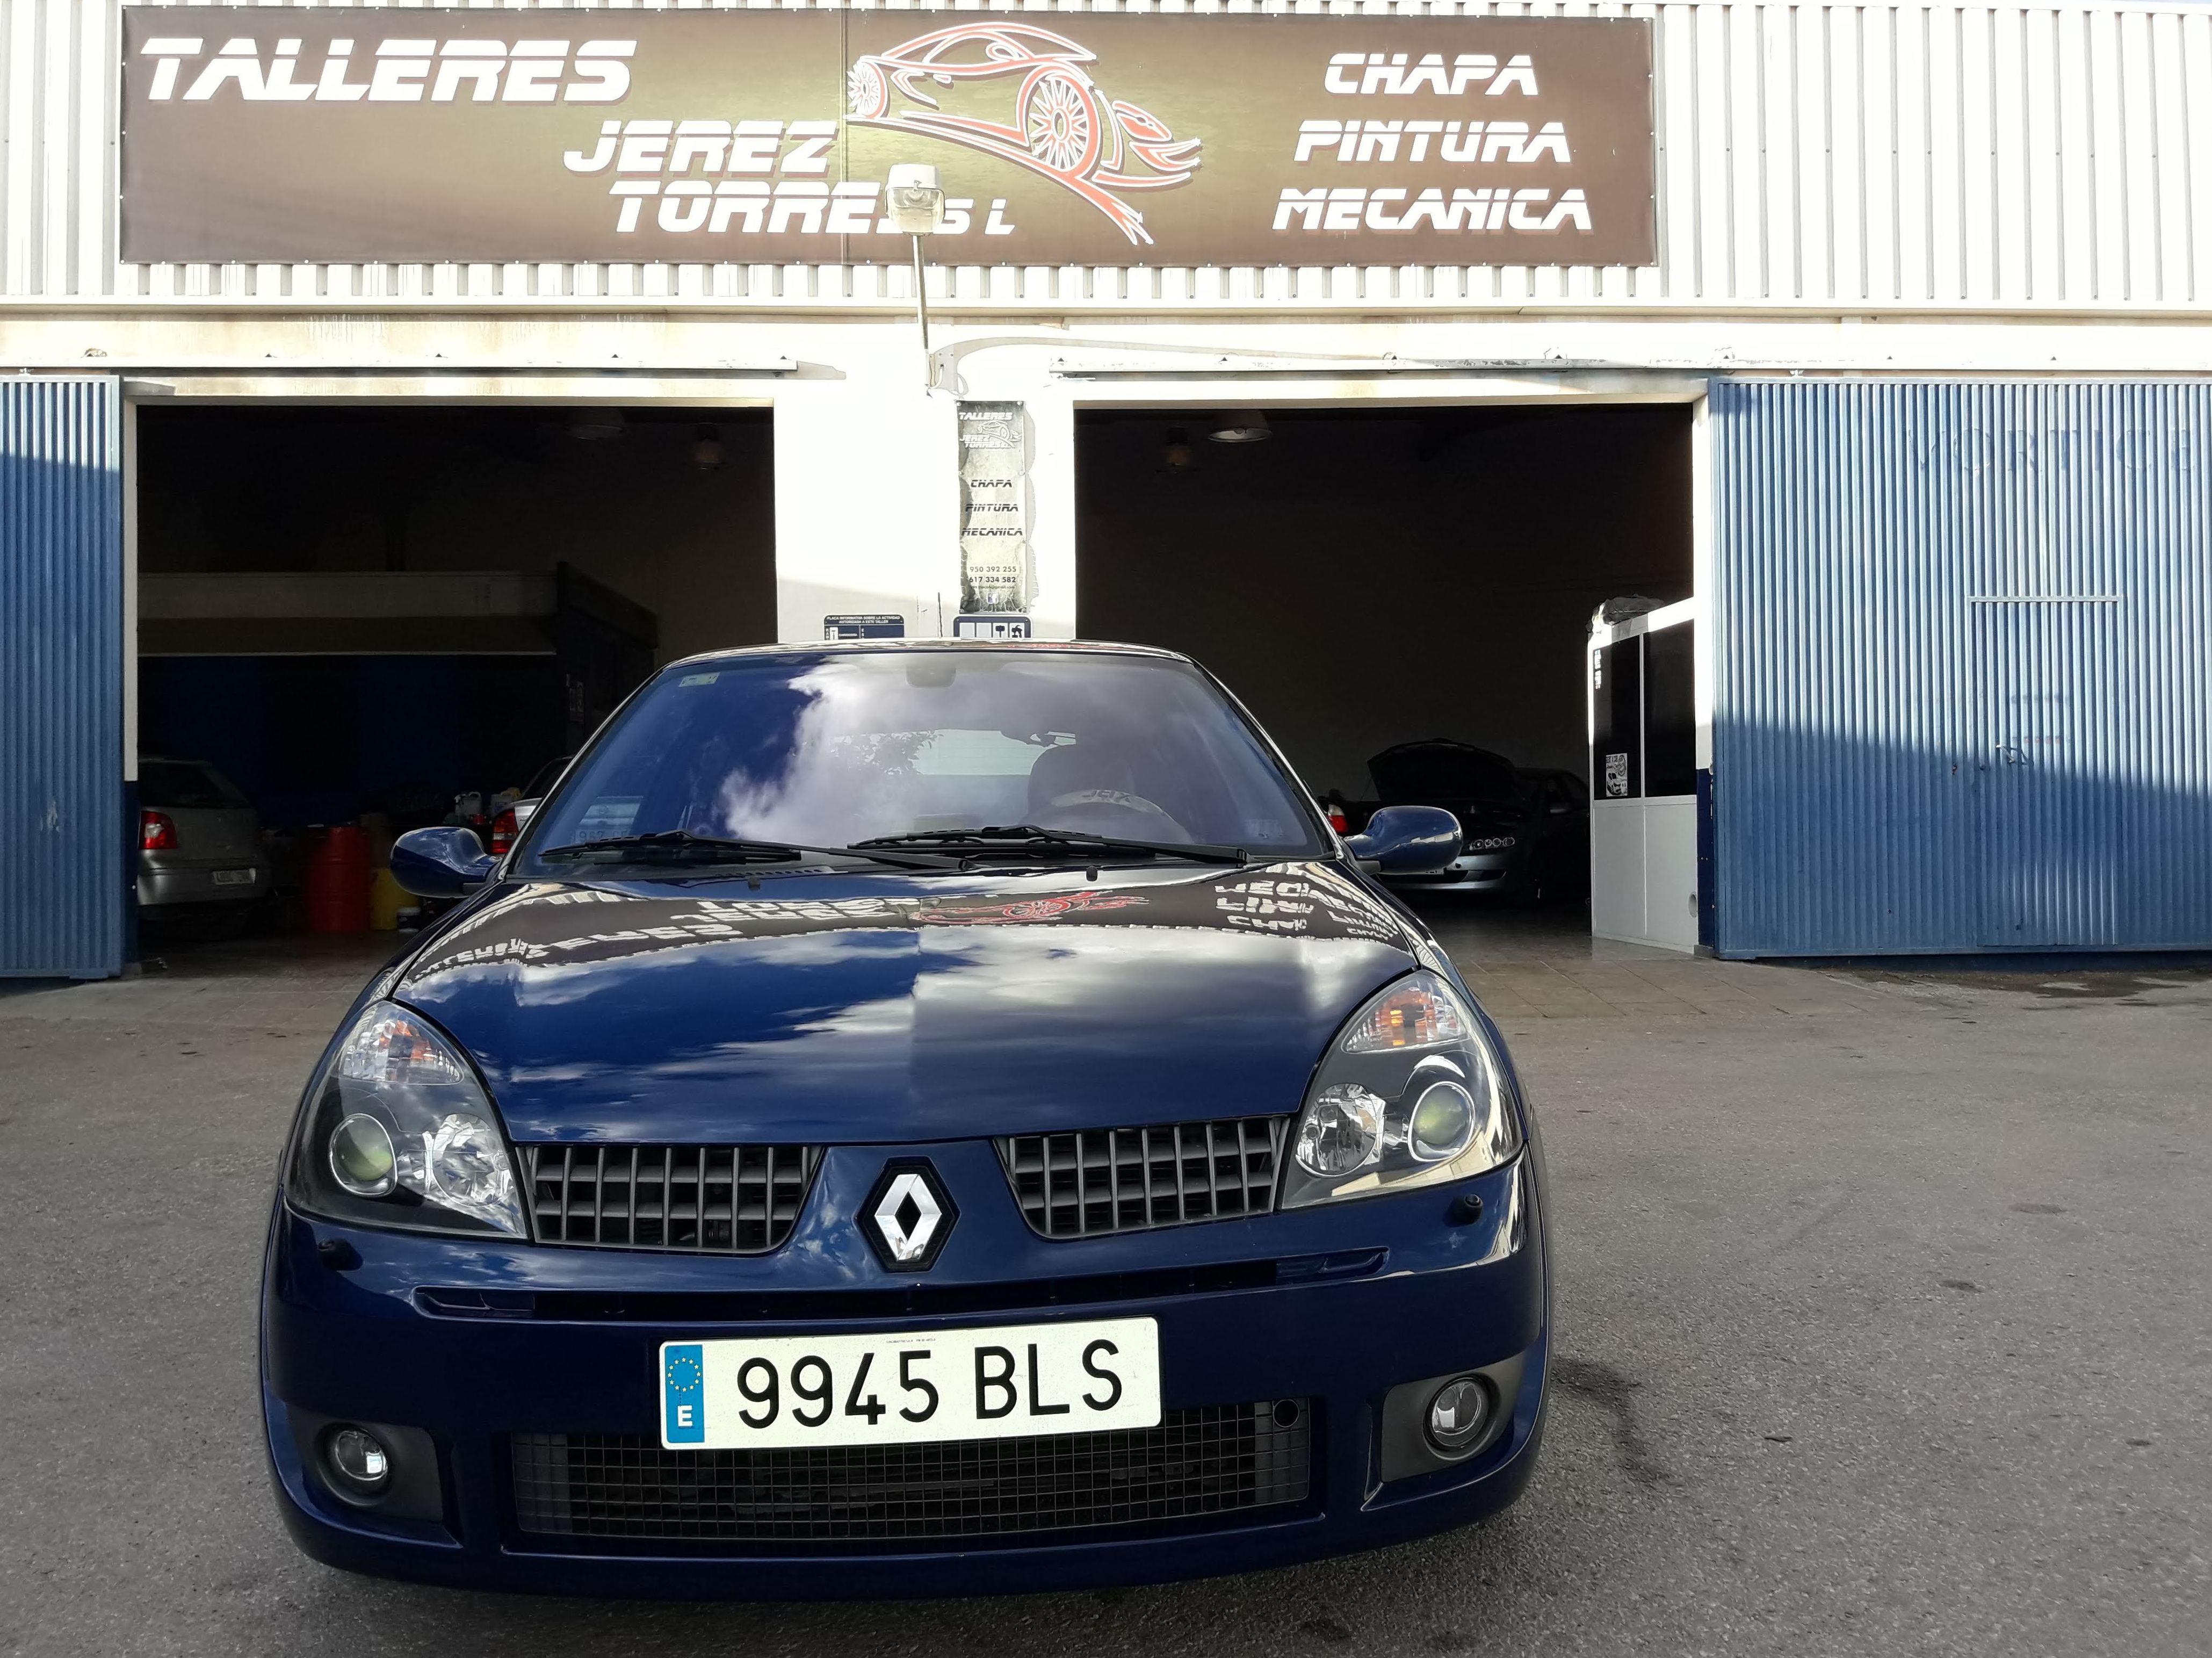 Foto 5 de Taller especializado en chapa y pintura, mecánica rápida y reparación integral de vehículos. en Vera | Talleres Jerez Torres S.L.